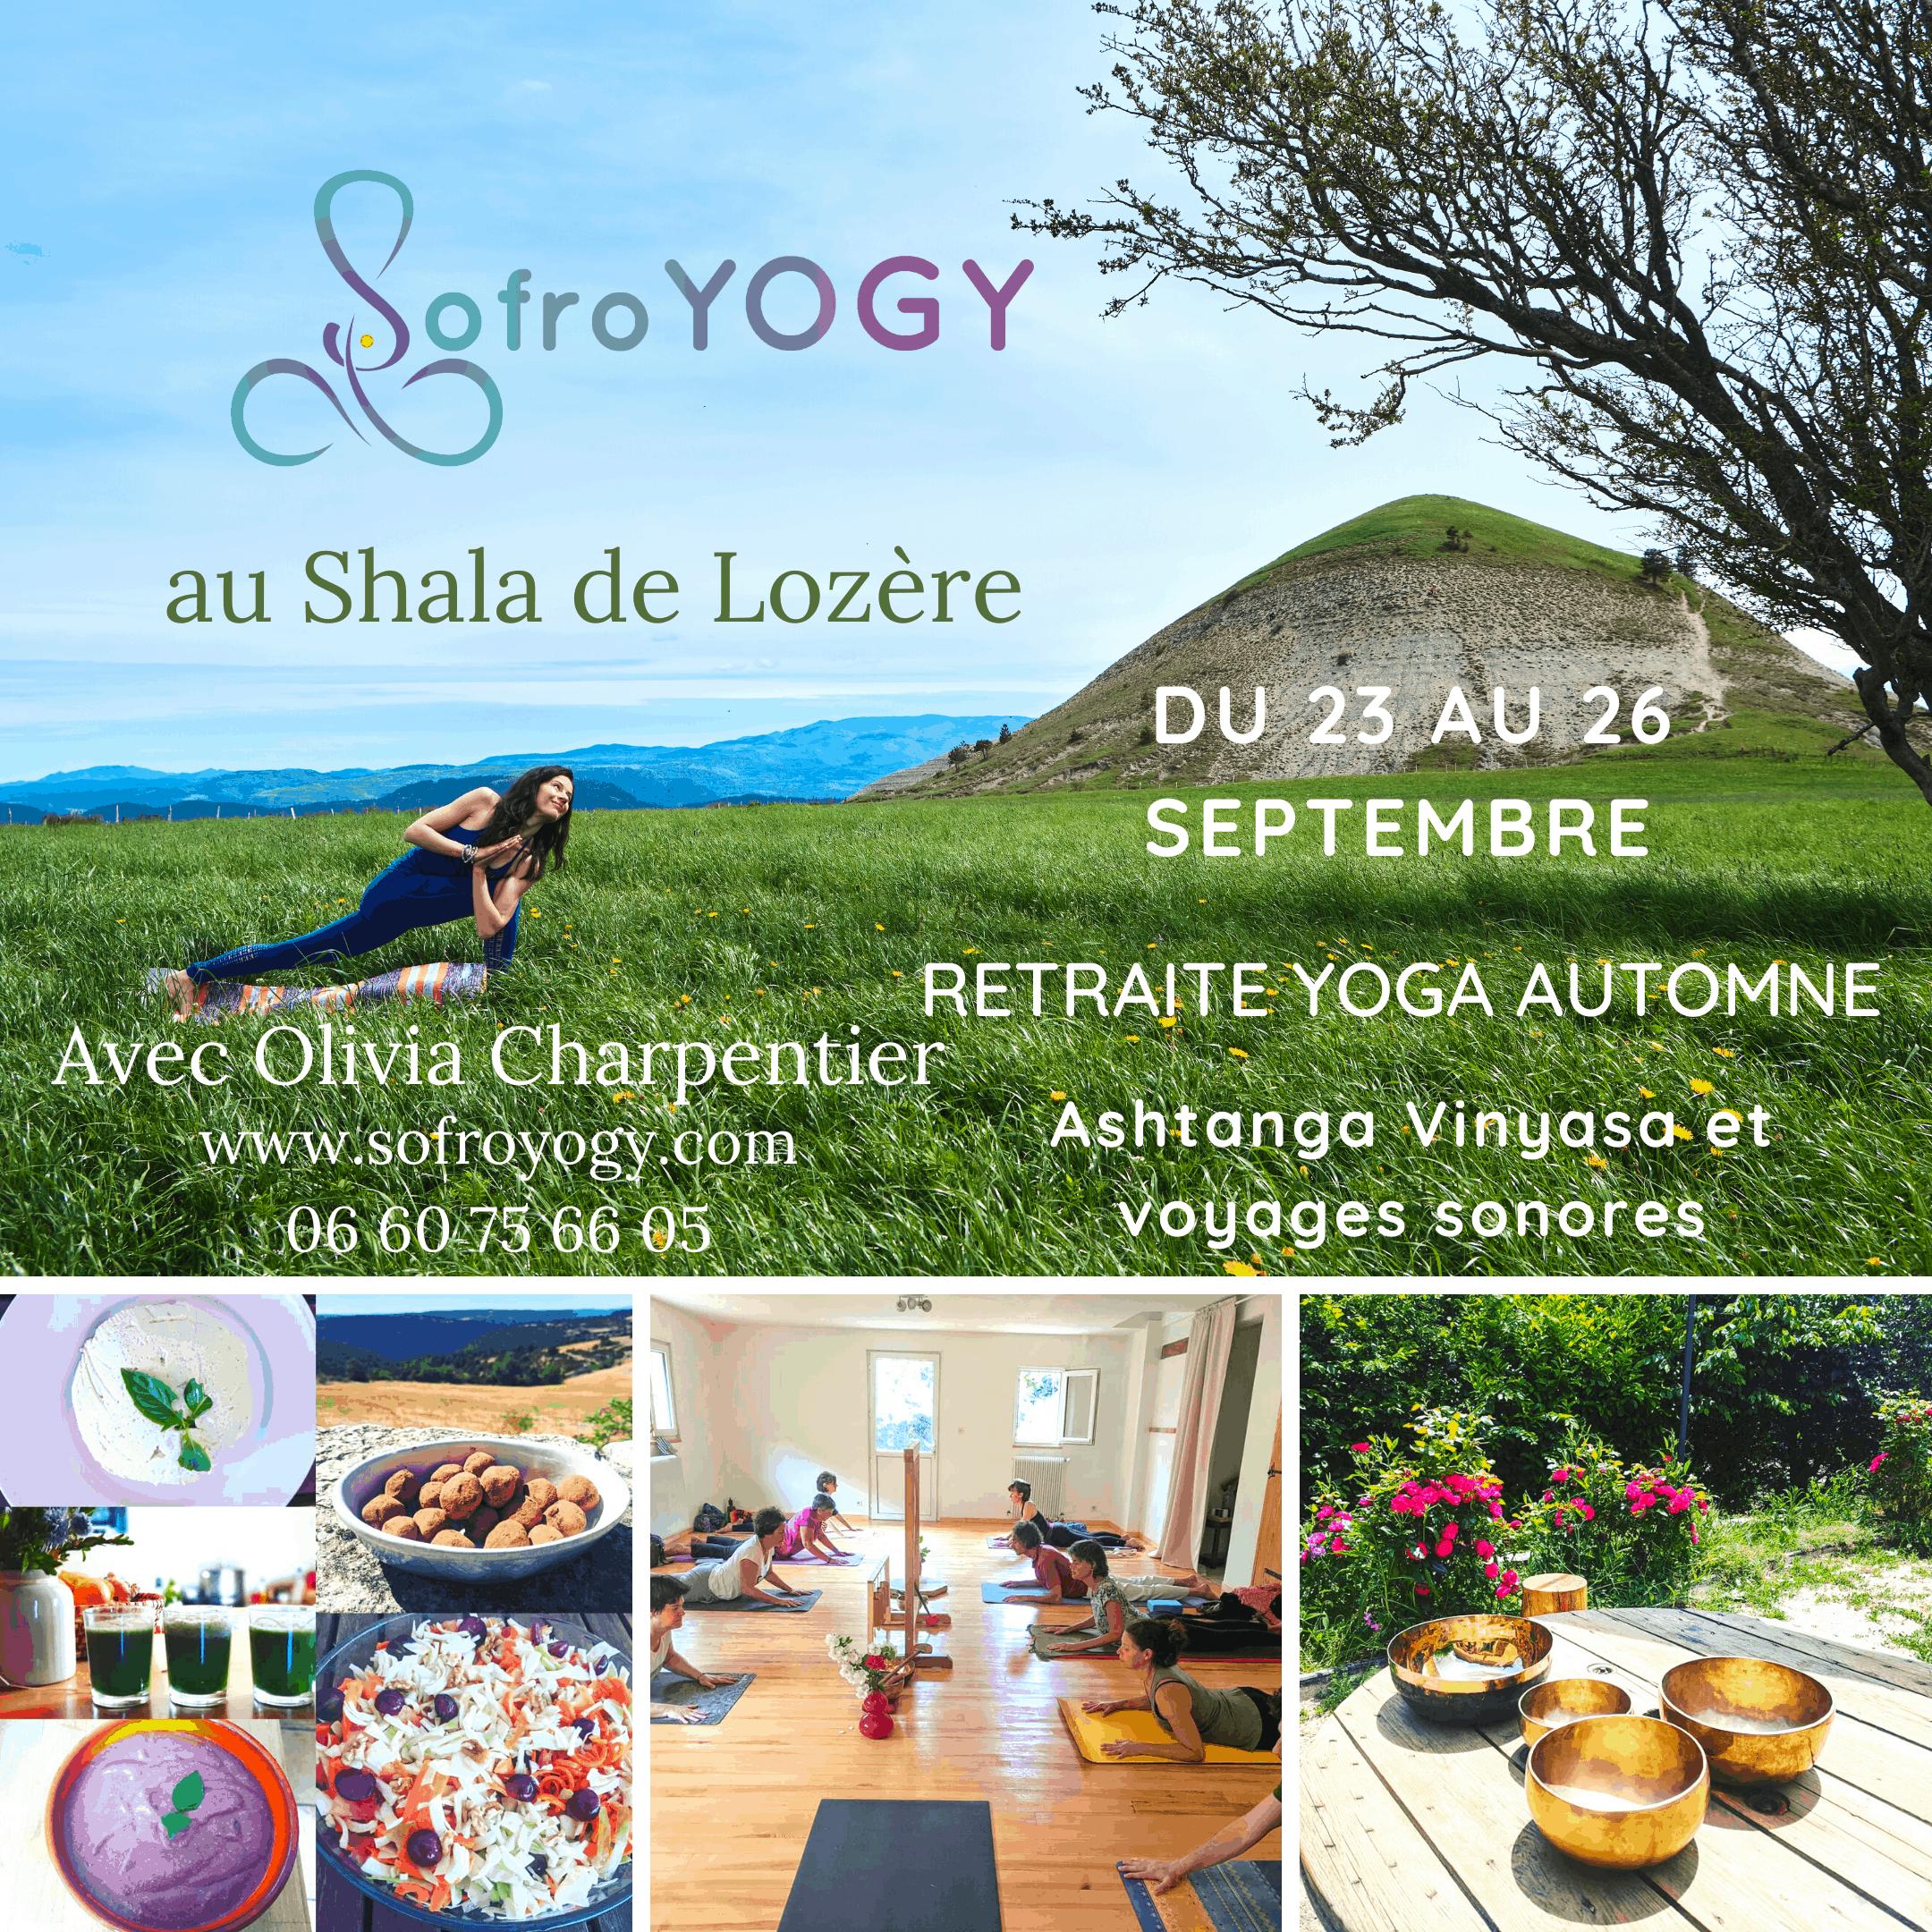 Affiche de la retraite ashtanga yoga